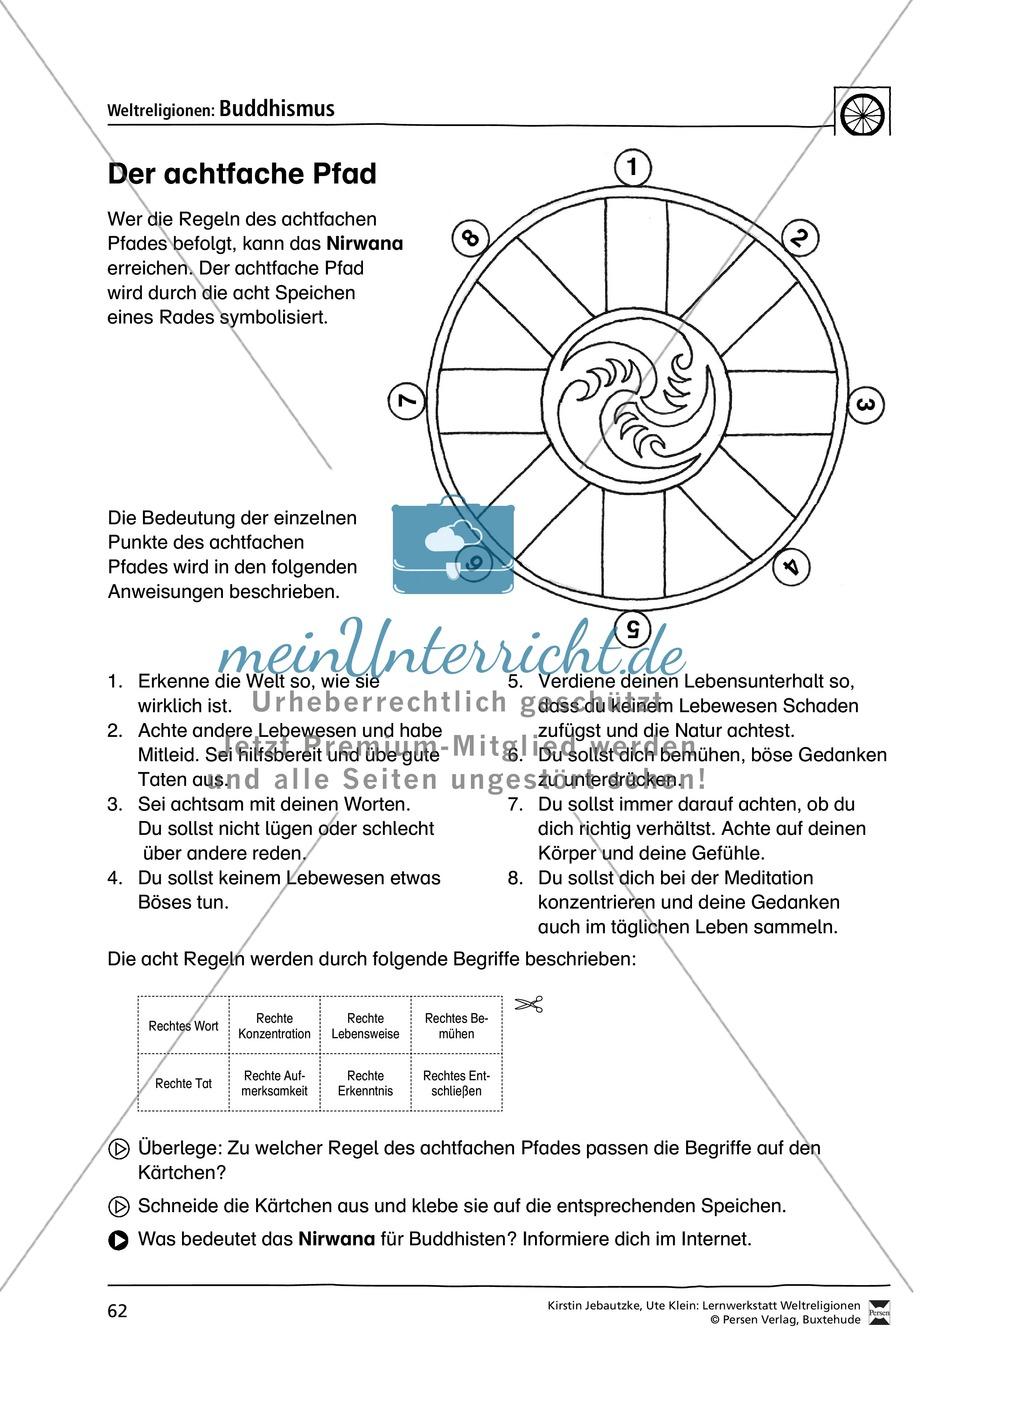 Unterrichtsmaterial zum Buddhismus - mit Infomaterial zu Buddha ...